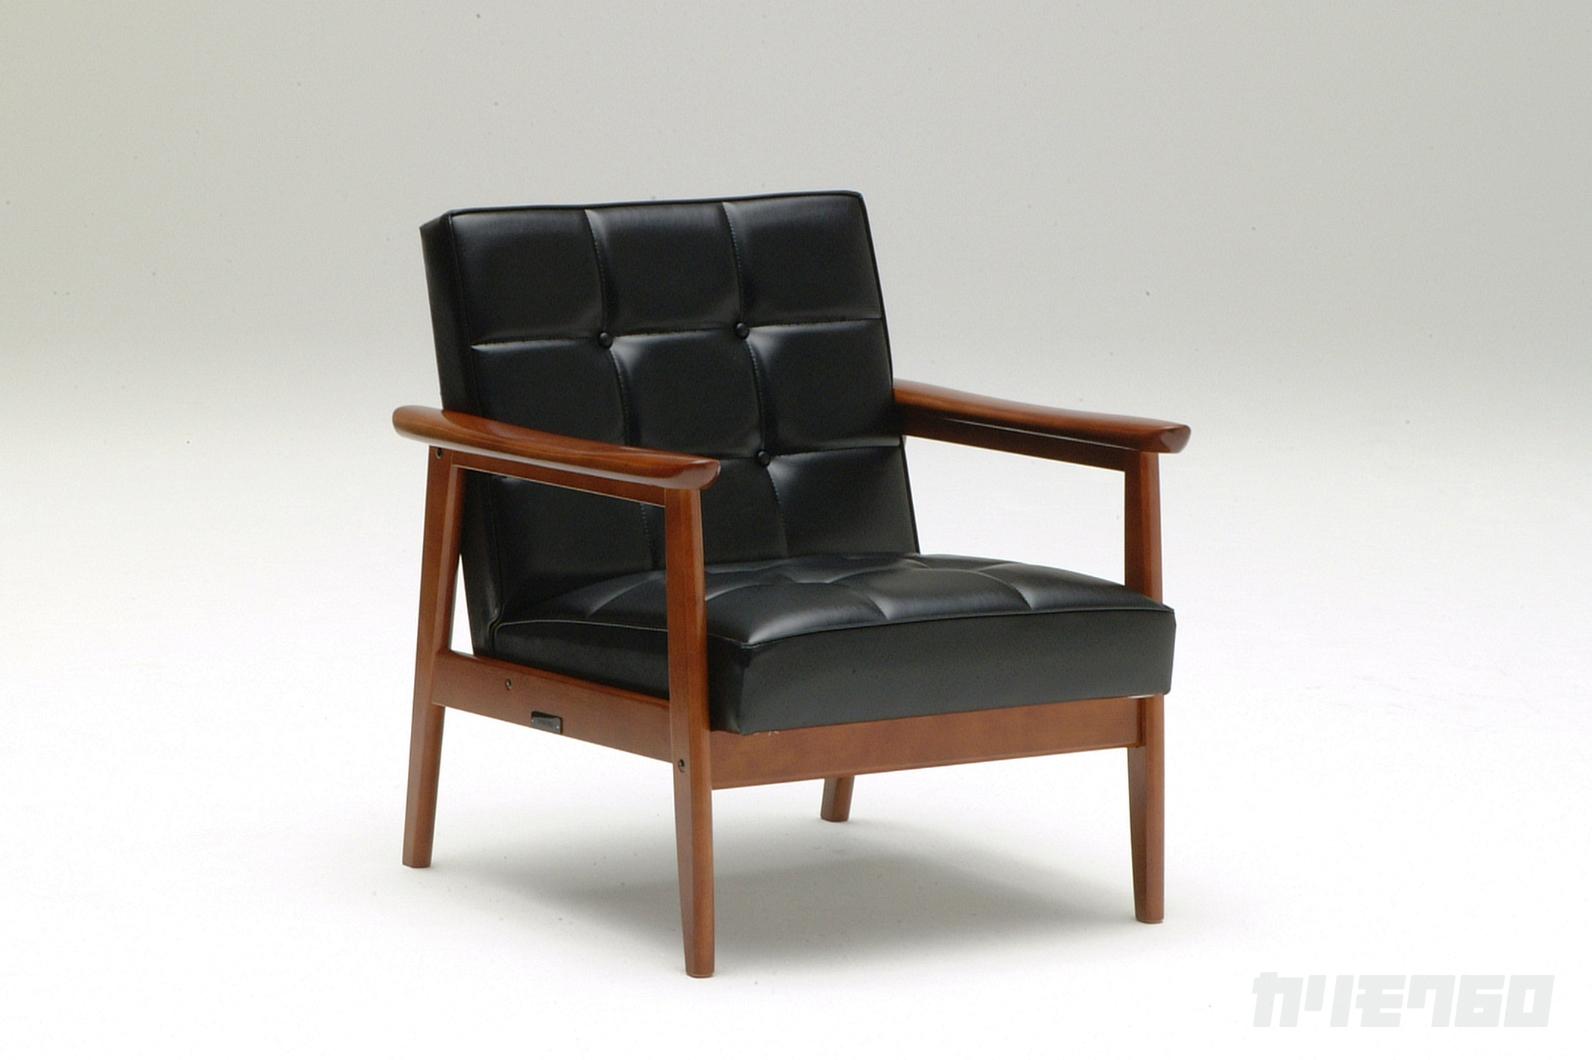 k chair 1 black.jpg